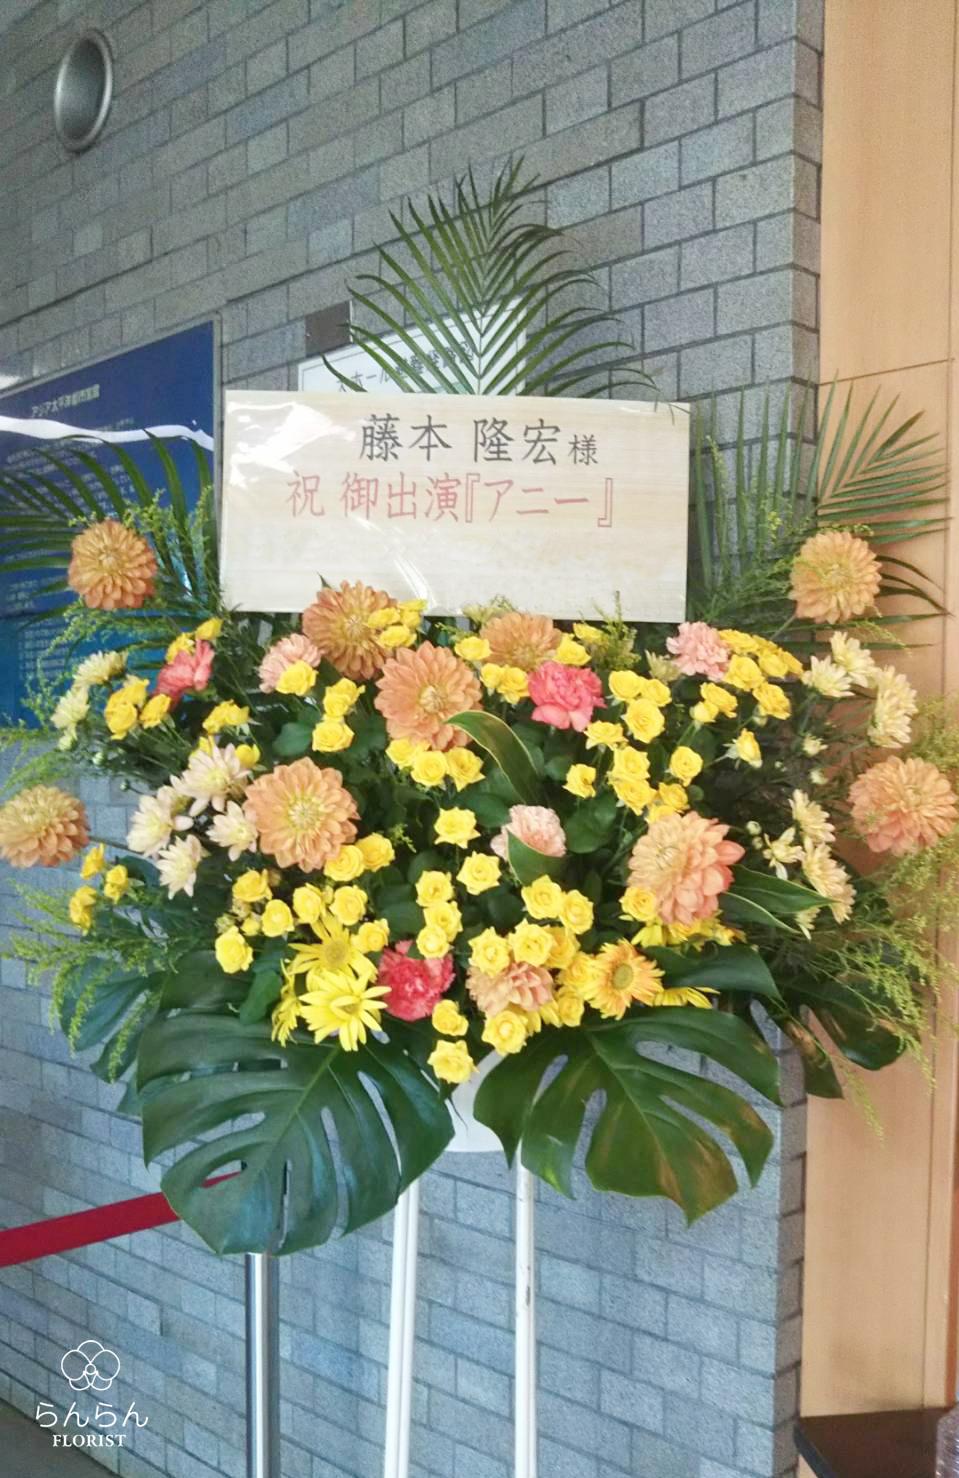 藤本隆宏 お祝いスタンド花